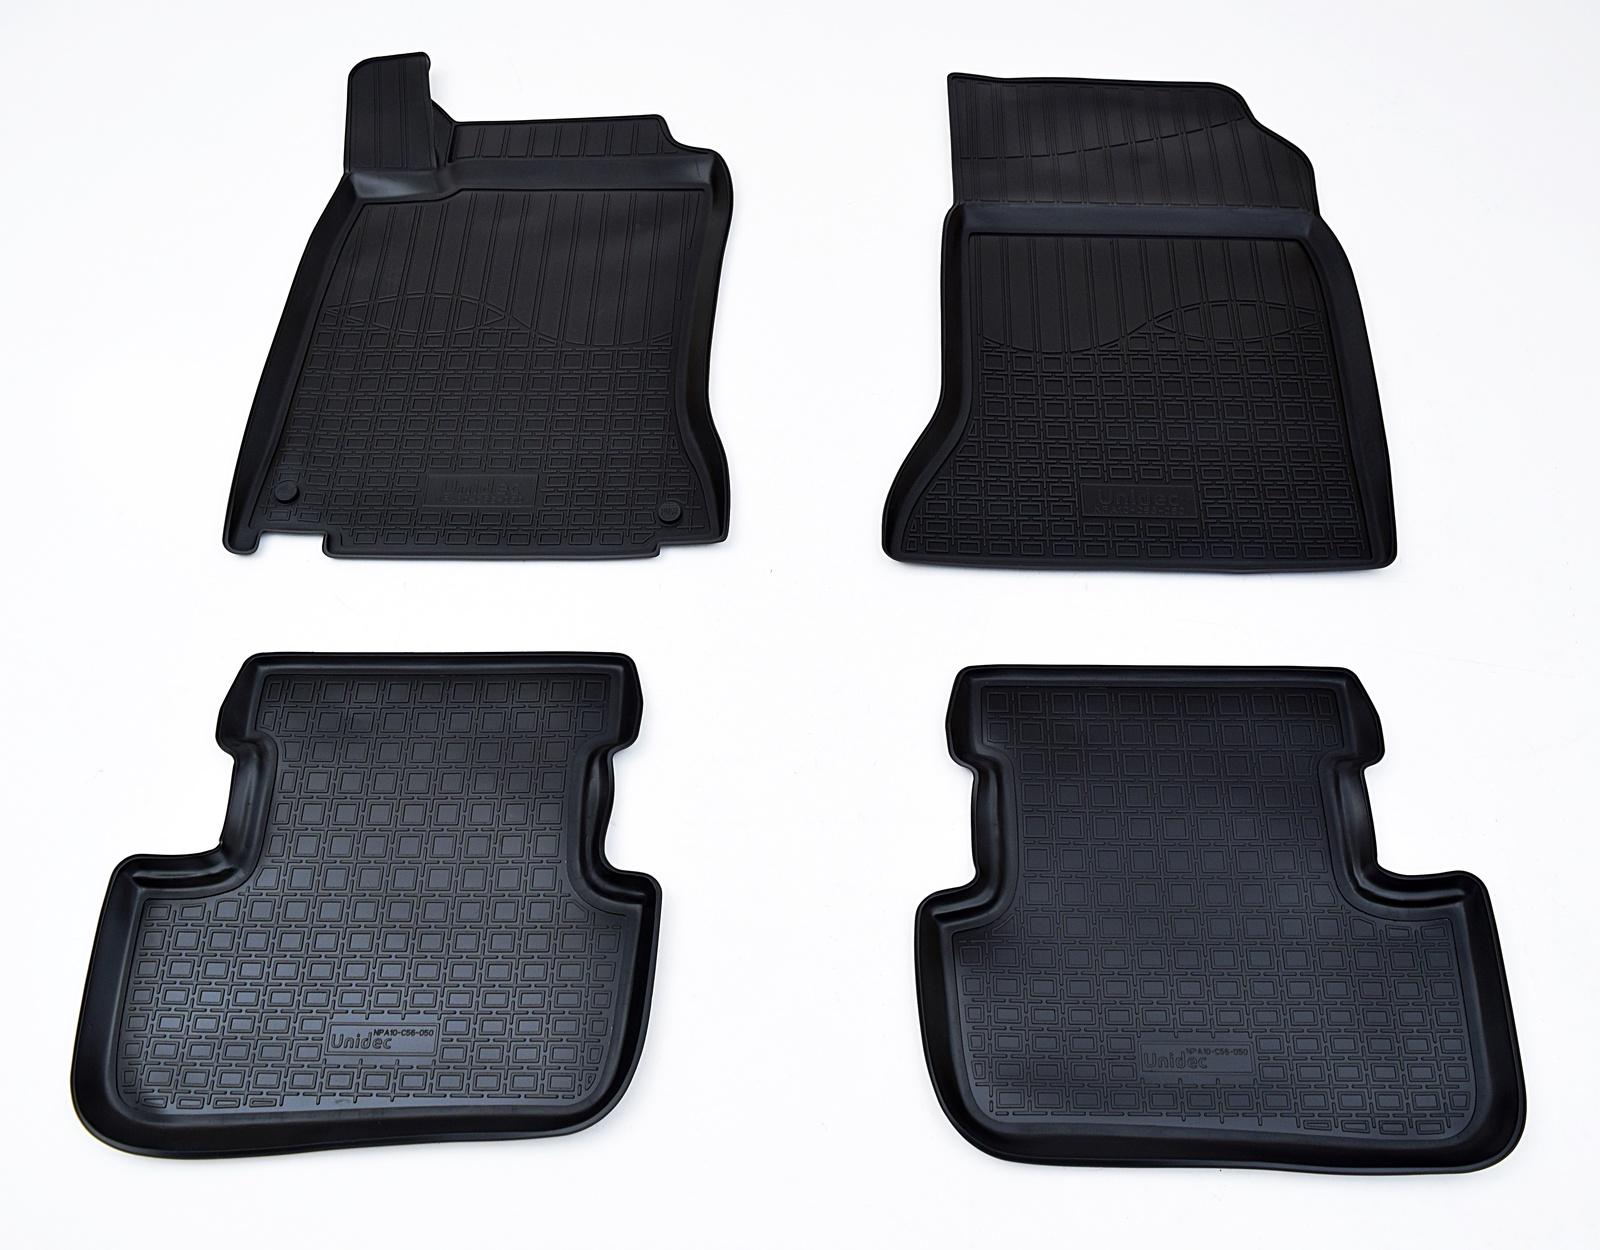 Коврики в салон автомобиля Norplast для Mercedes-Benz A (W176) 3D (2012)\ Mercedes-Benz CLA (C117) 3D (2013)\ Mercedes-Benz GLA (X156) 3D (2014), NPA10-C56-050, черный welly mercedes benz m class 39872